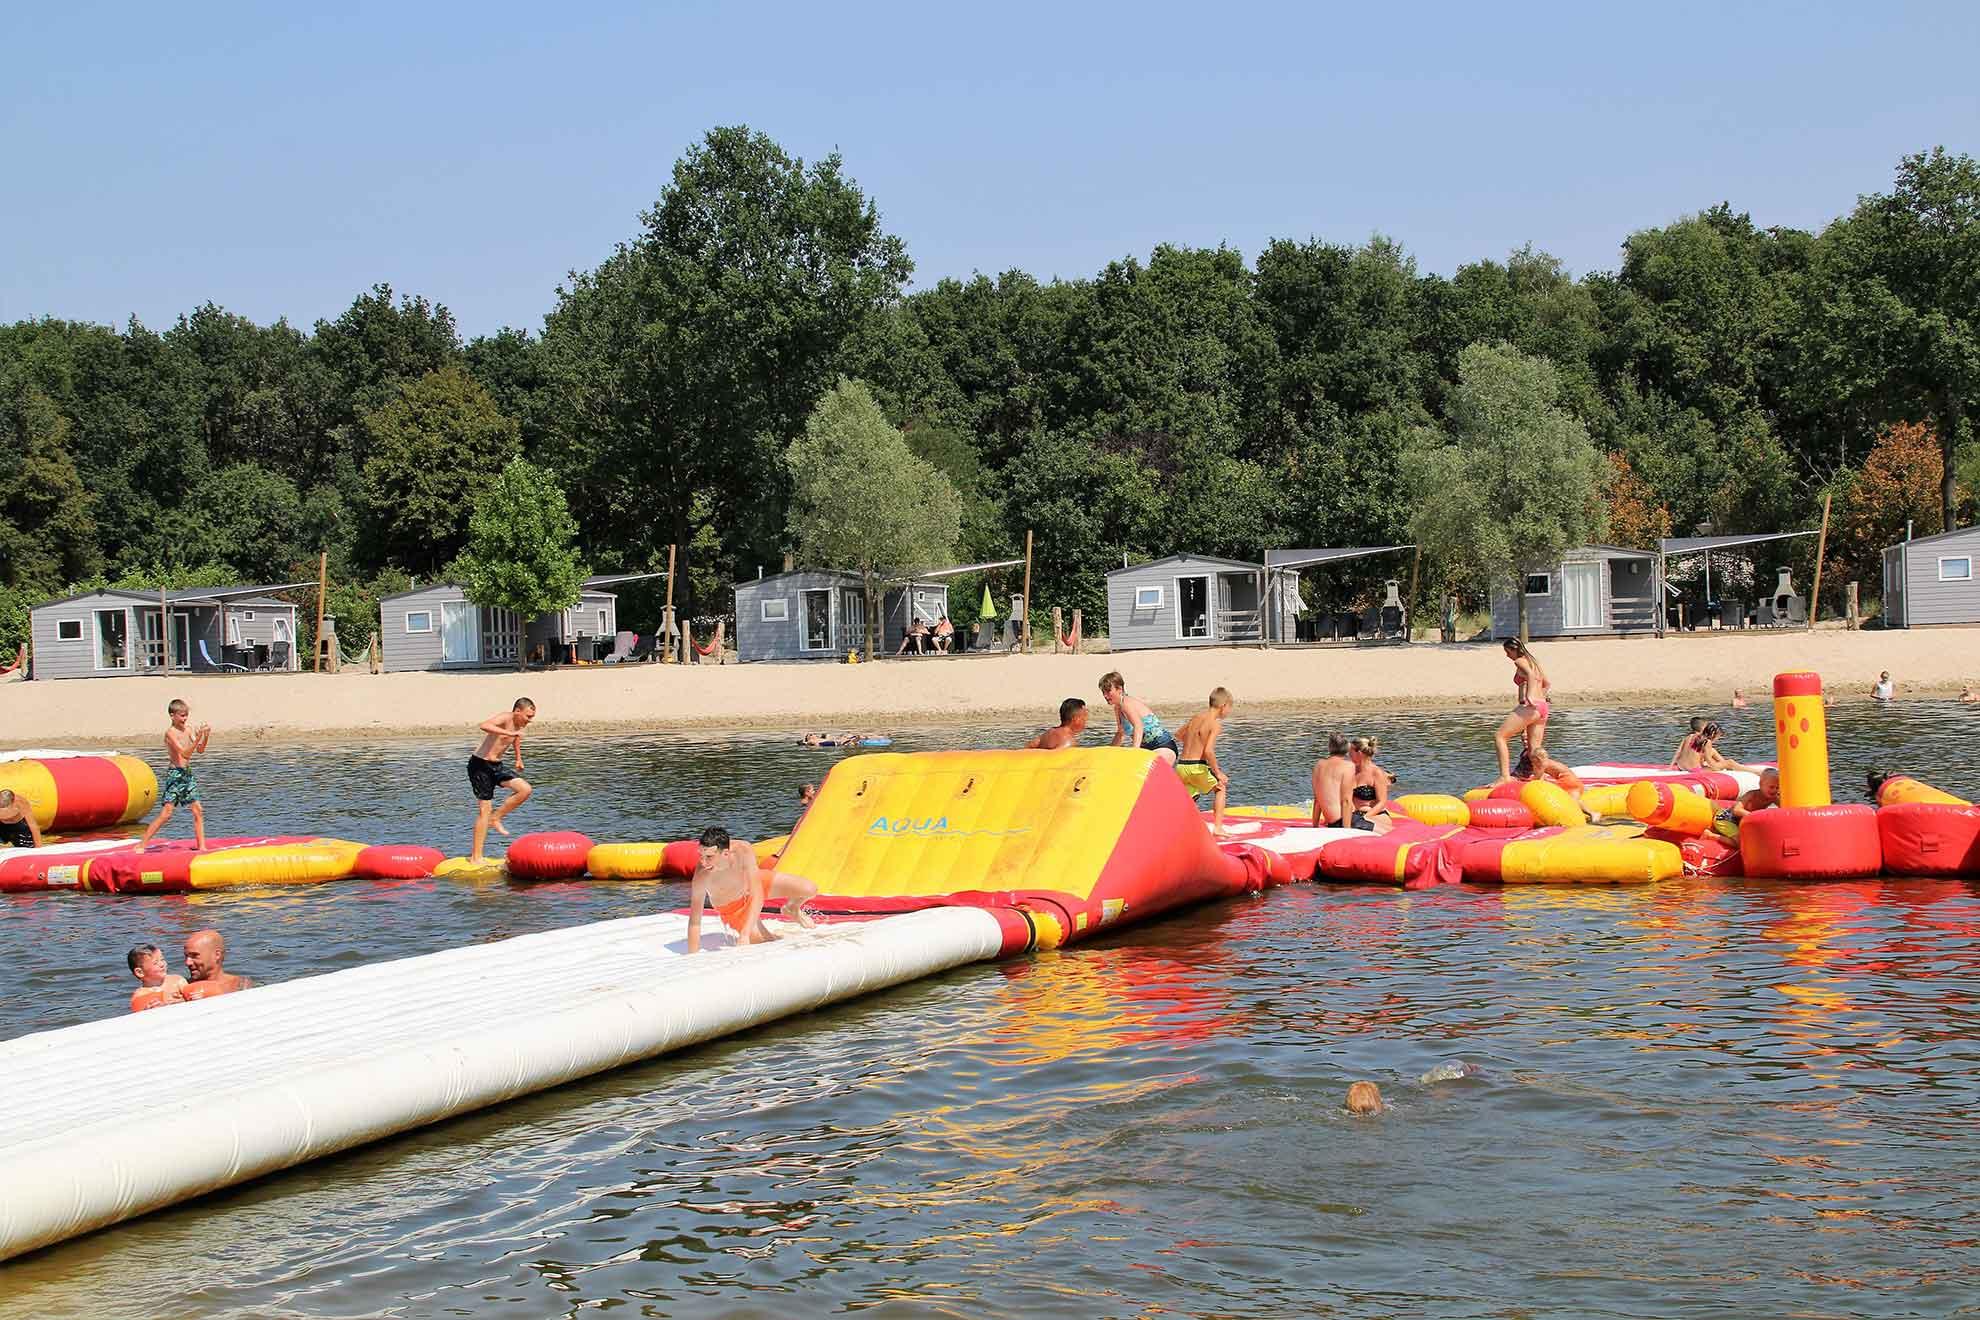 Sommerferien in Holland mit der Familie - Das Sommerferien in Holland